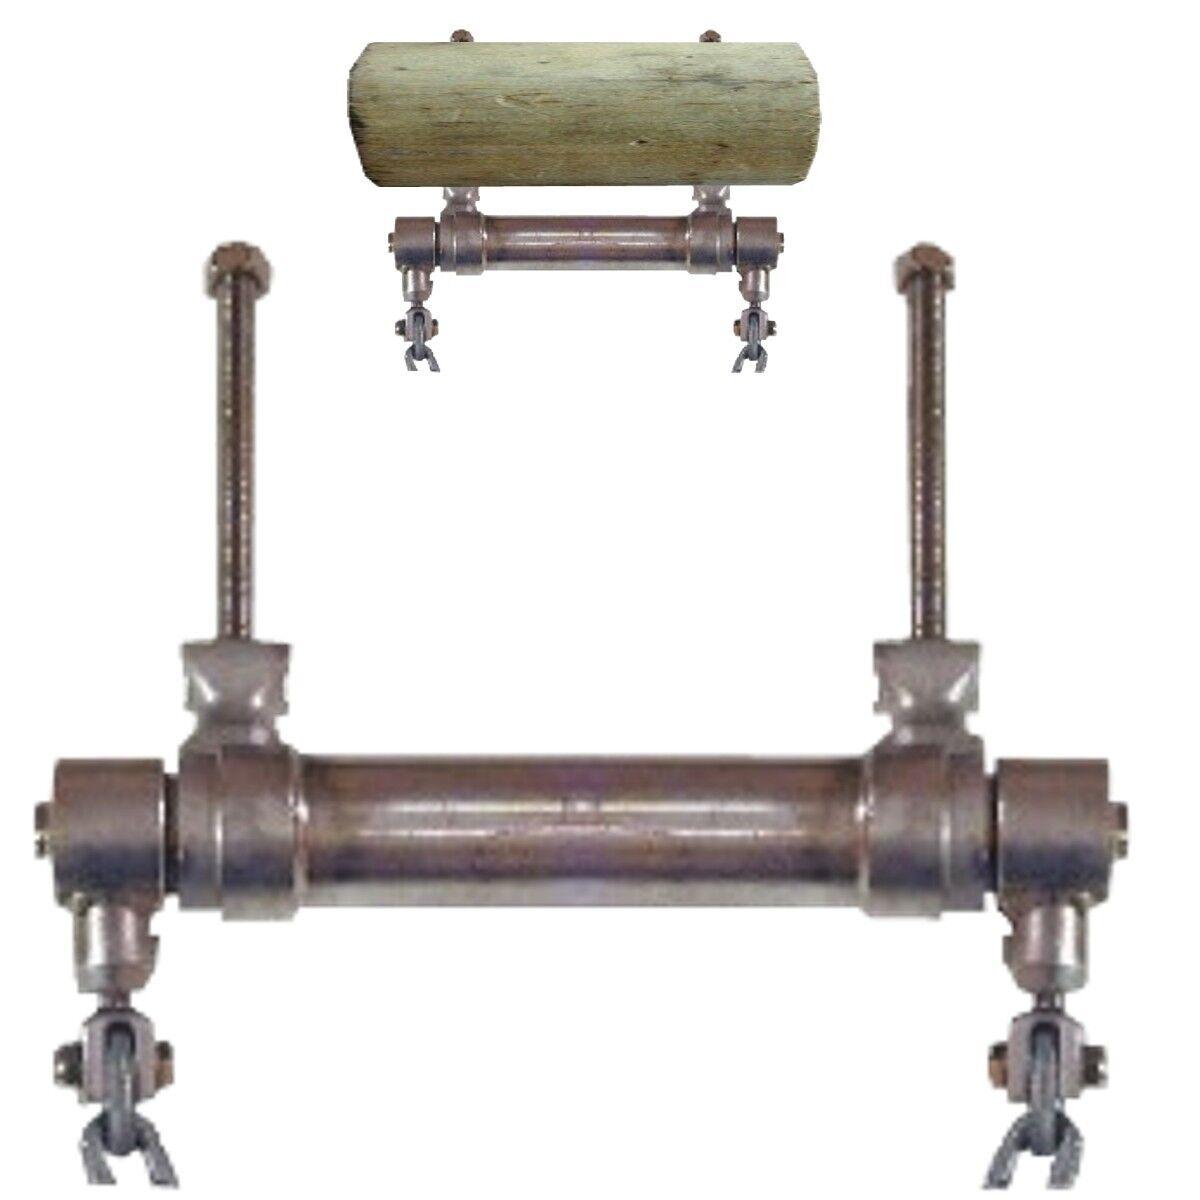 Schaukelachse Kettenabstand: 300 bis 500mm Schaukelgelenk Schaukel Zubehör